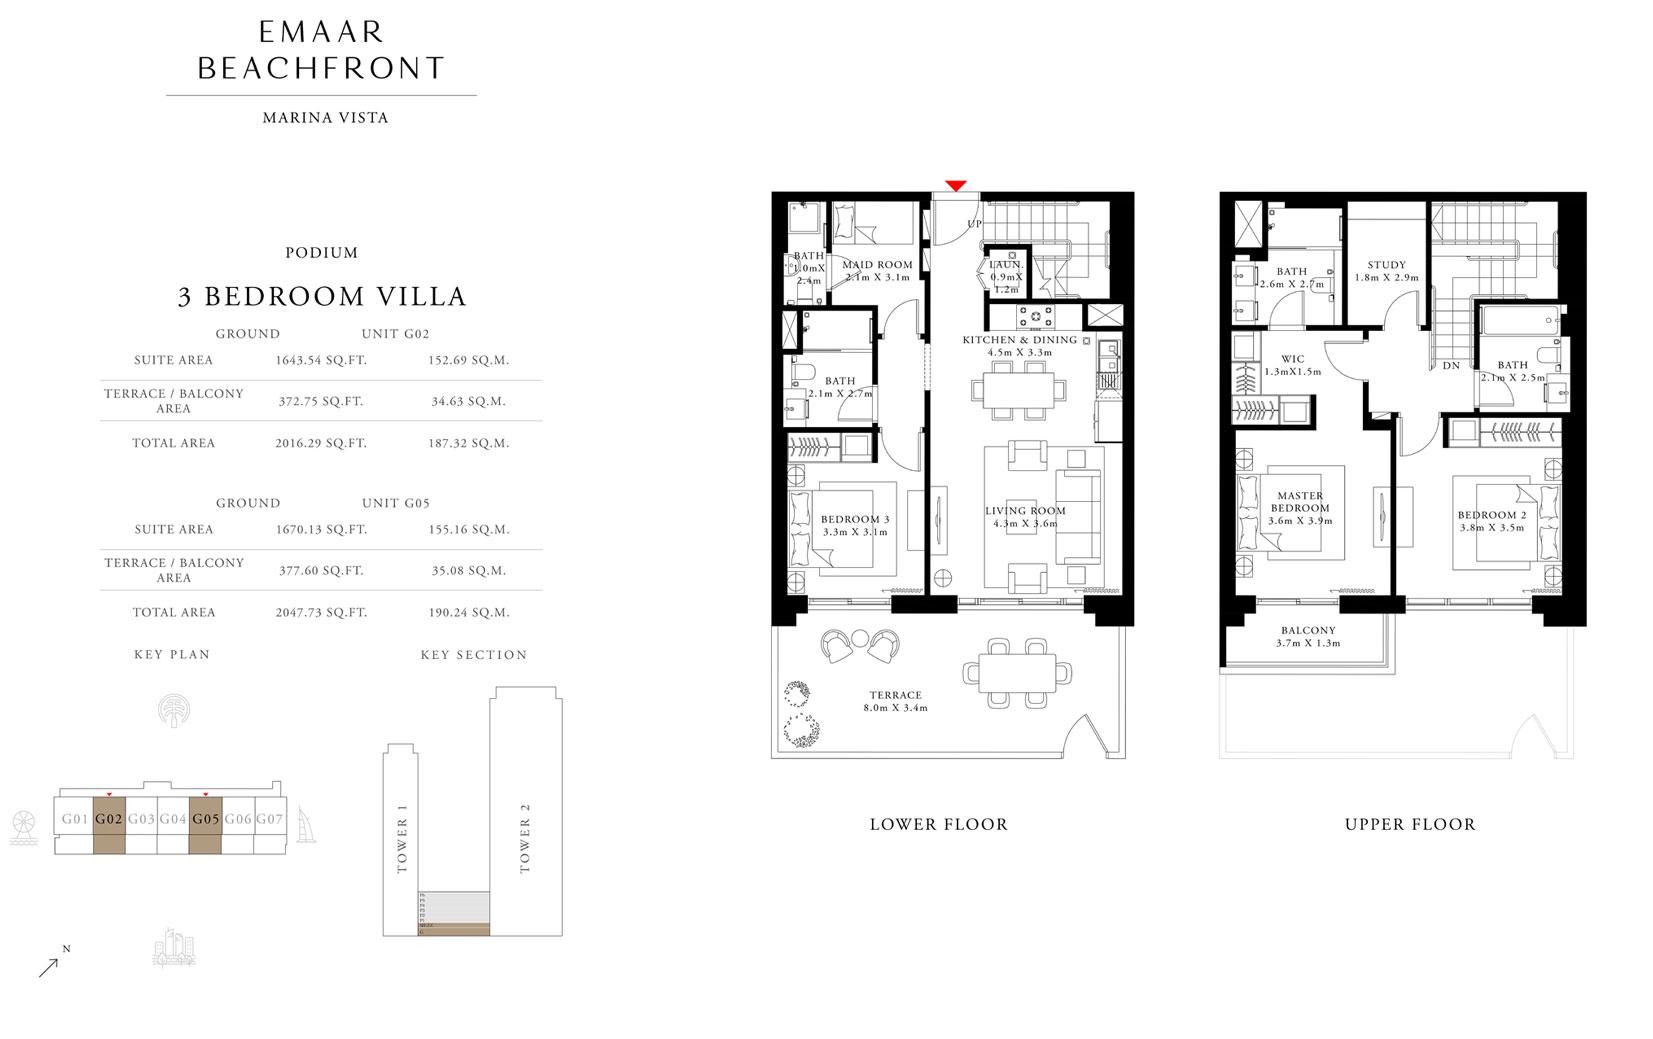 فيلا 3 غرف نوم ، بوديوم ، وحدة G02 و G05 ، الحجم 2016 & 2047 قدم مربع